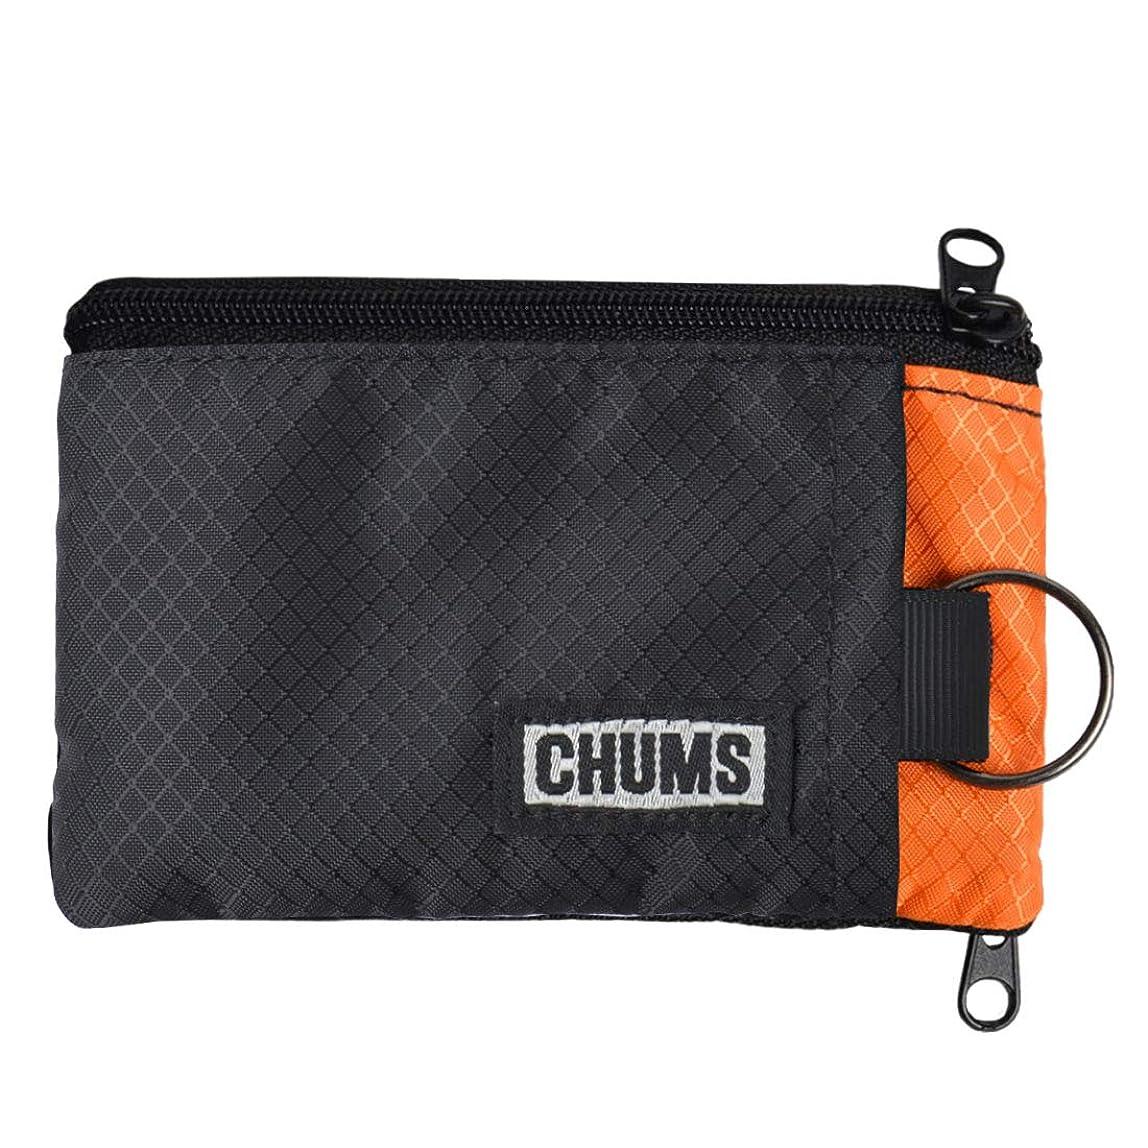 と遊ぶ雪だるま[チャムス] CHUMS 財布 ウォレット ショート 小銭入れ コインケース パスケース メンズ レディース ブランド キーチェーン 小物入れ 収納 定期入れ ICカード 18401